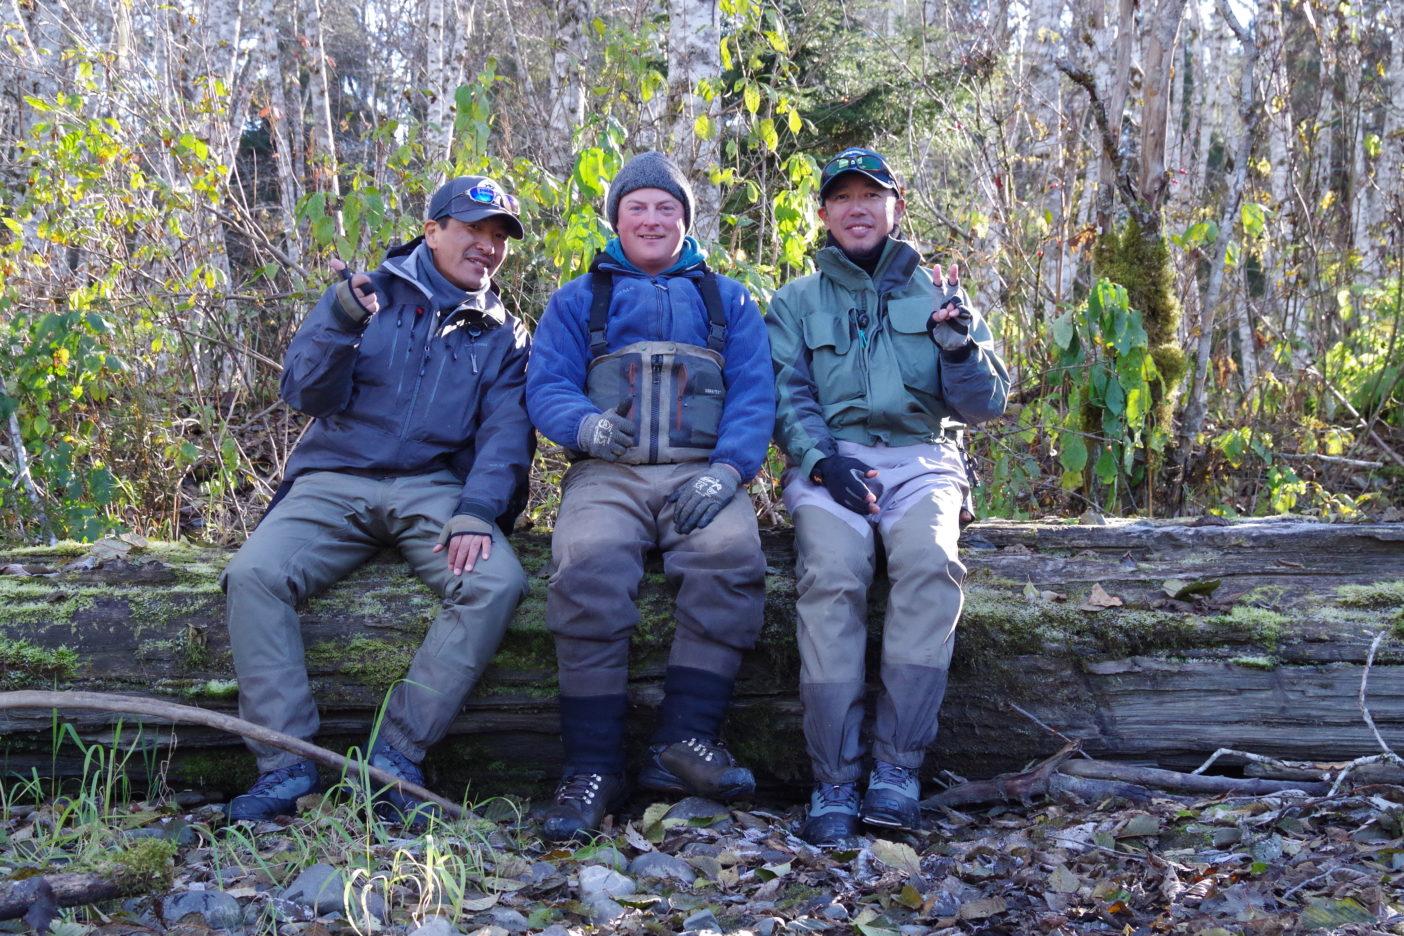 足立氏とガイドのトッドとのセルフポートレイト ケイラム川下流。写真:足立信正